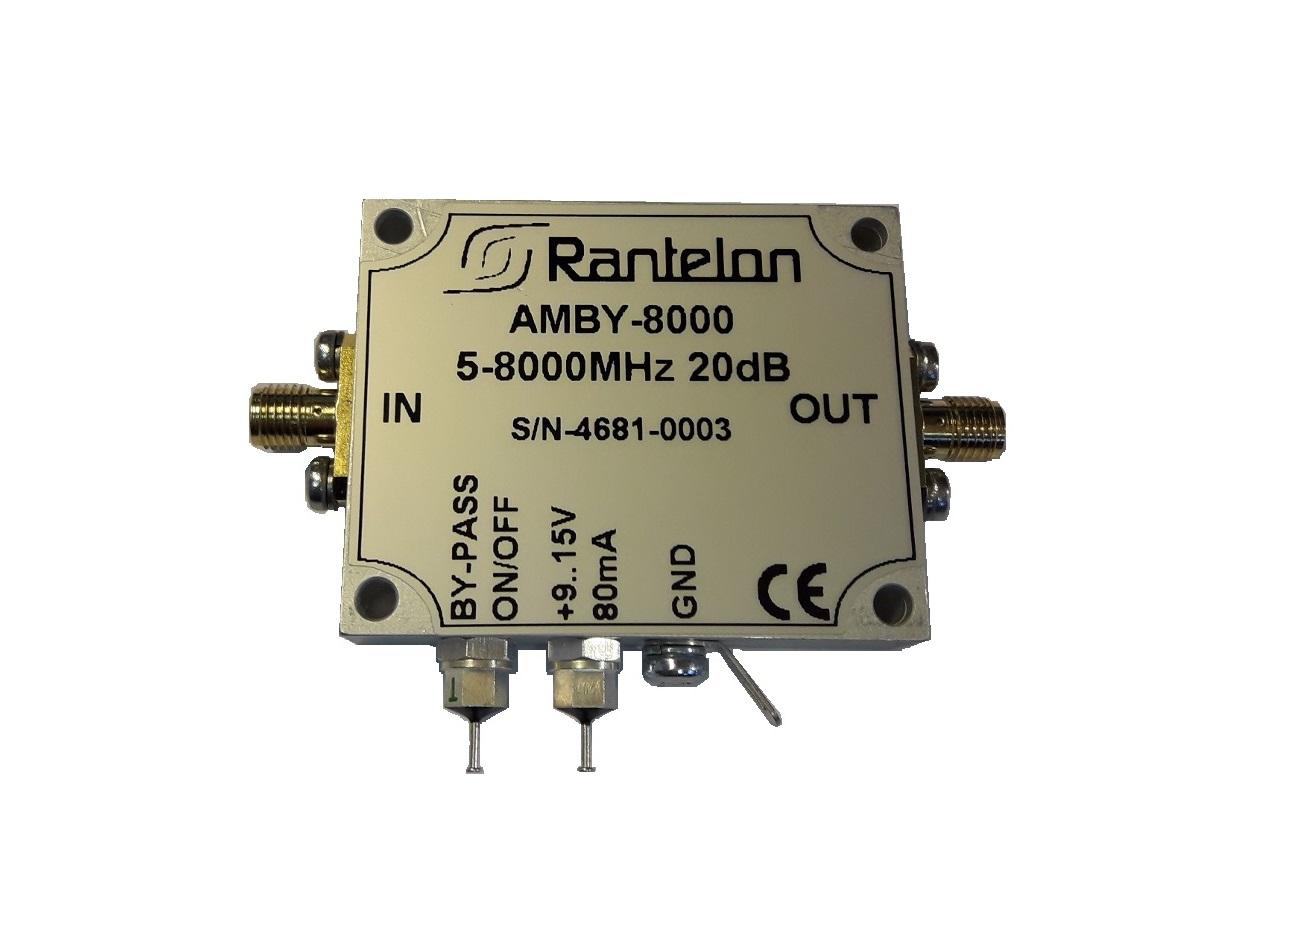 AMBY-8000